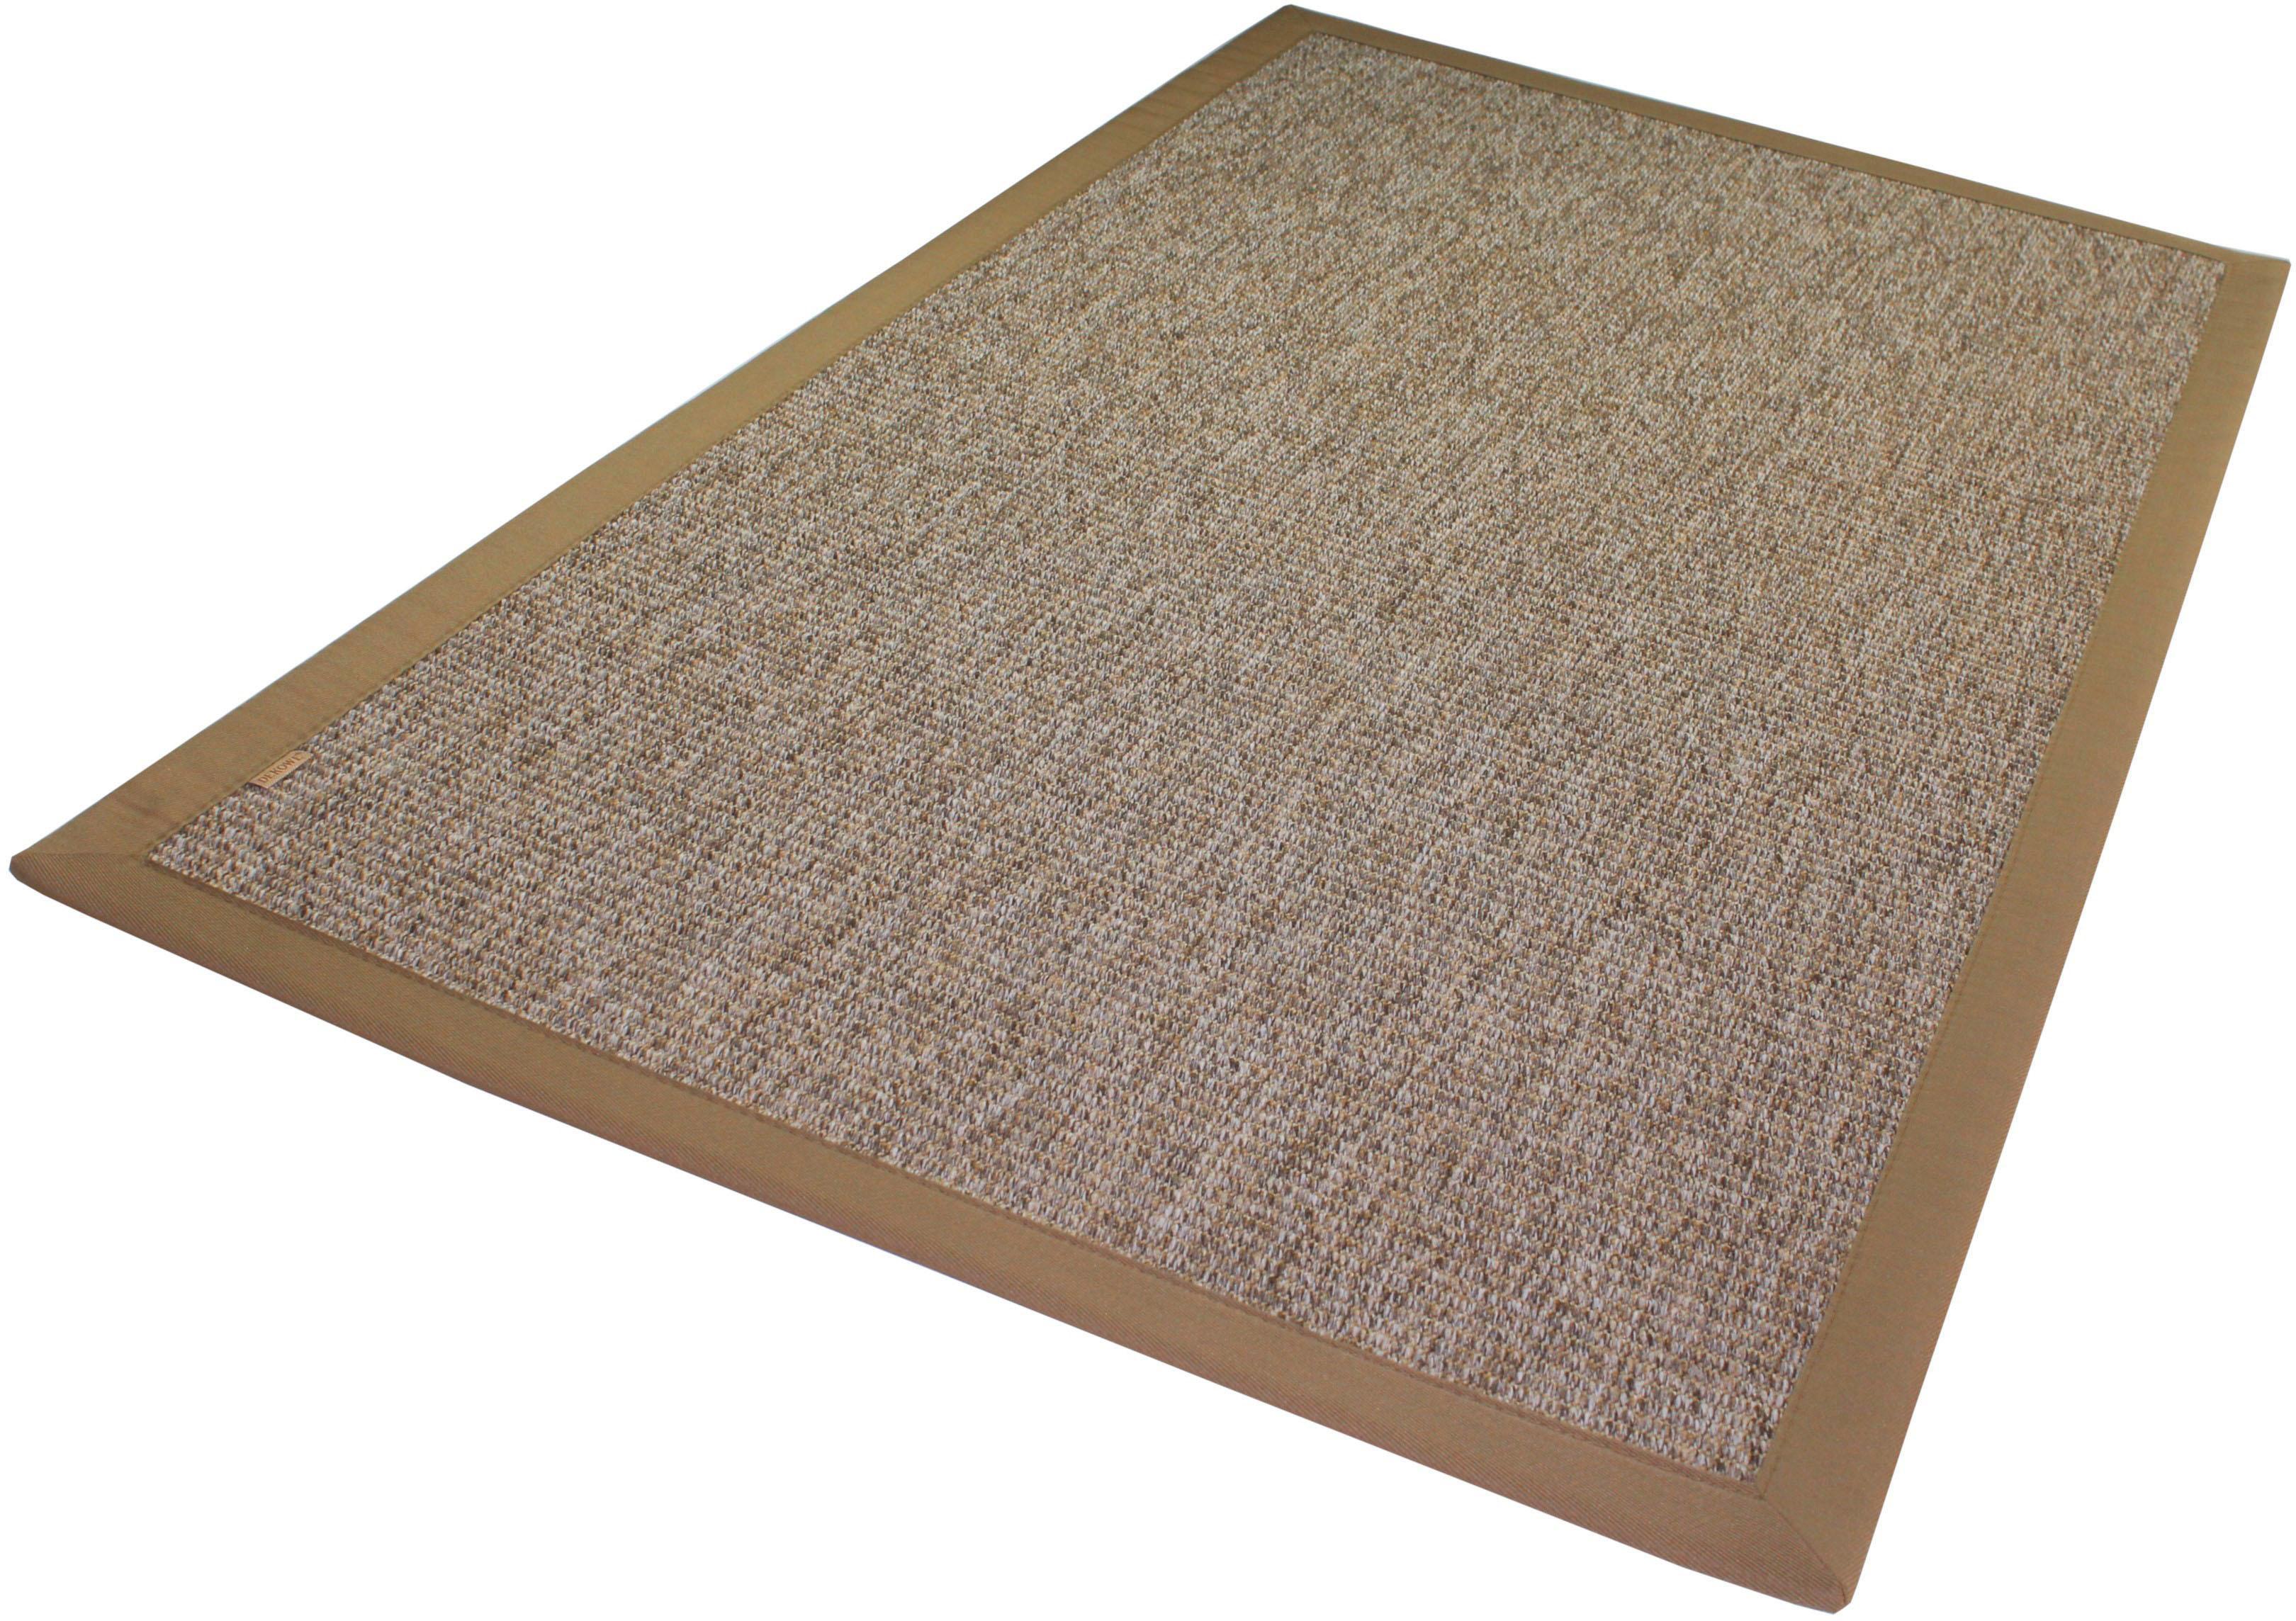 Teppich Naturino Classic Dekowe rechteckig Höhe 8 mm maschinell gewebt